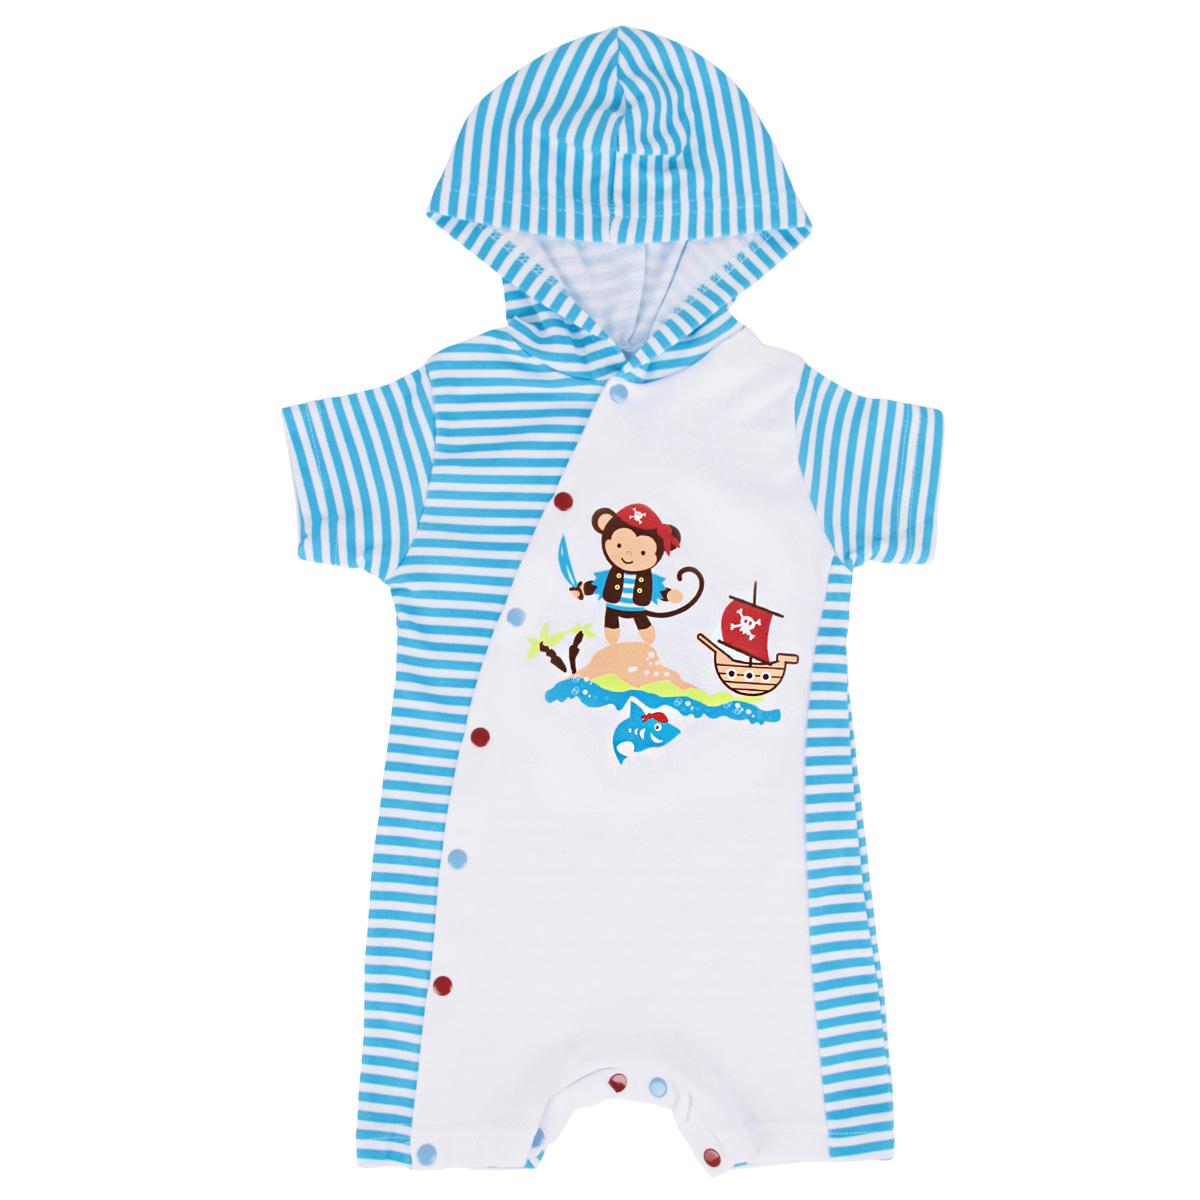 Песочник для мальчика КотМарКот, цвет: белый, голубой. 3662. Размер 62, 1-3 месяца